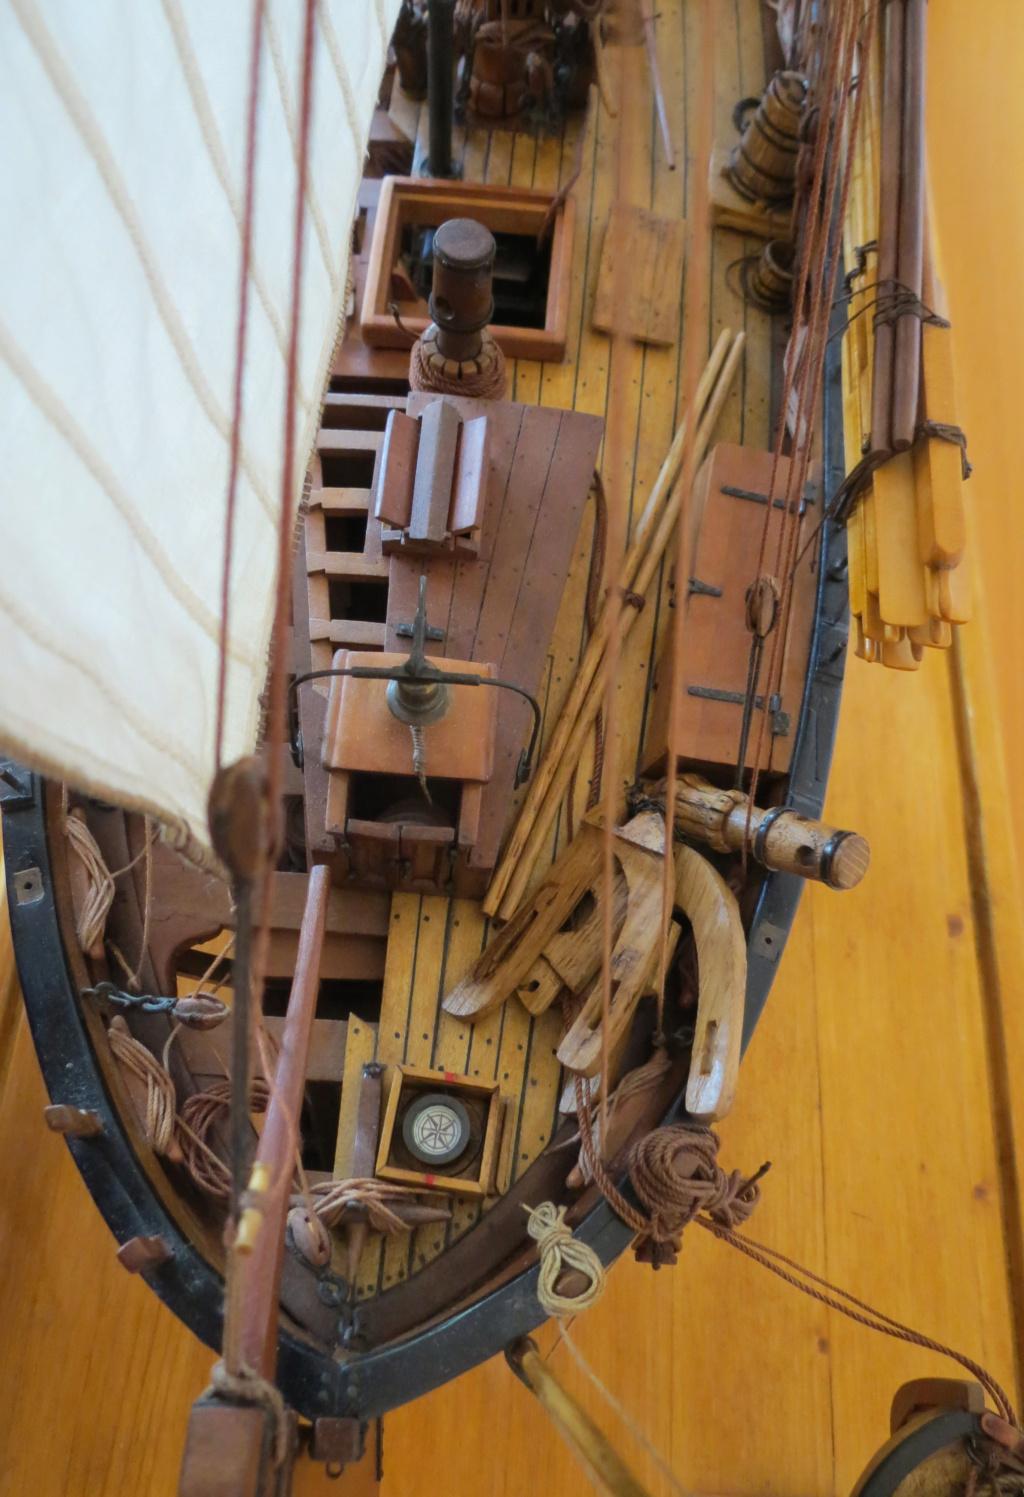 Corallina (paranzella) armata in guerra (pezzo in ferro da 18 libbre) - Marina Napoletana (flottiglia) 1811 - scala 1:24 - di Riccardo Mattera - Pagina 10 Img_4427